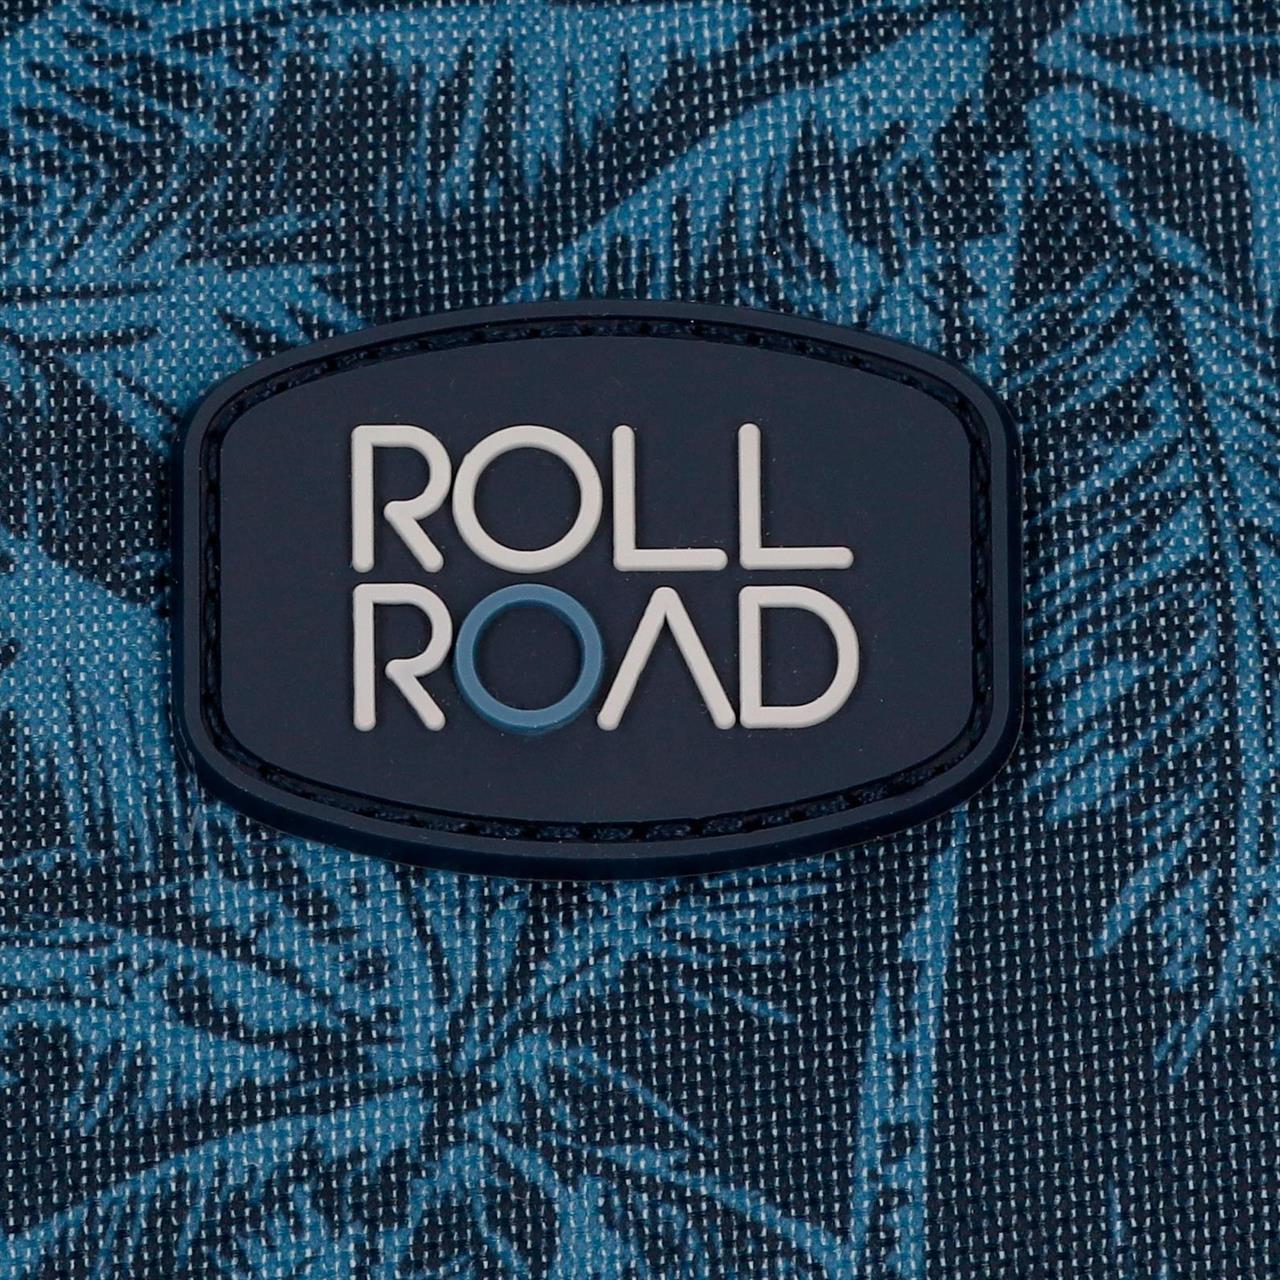 Mochila 4 Ruedas Roll Road Palm